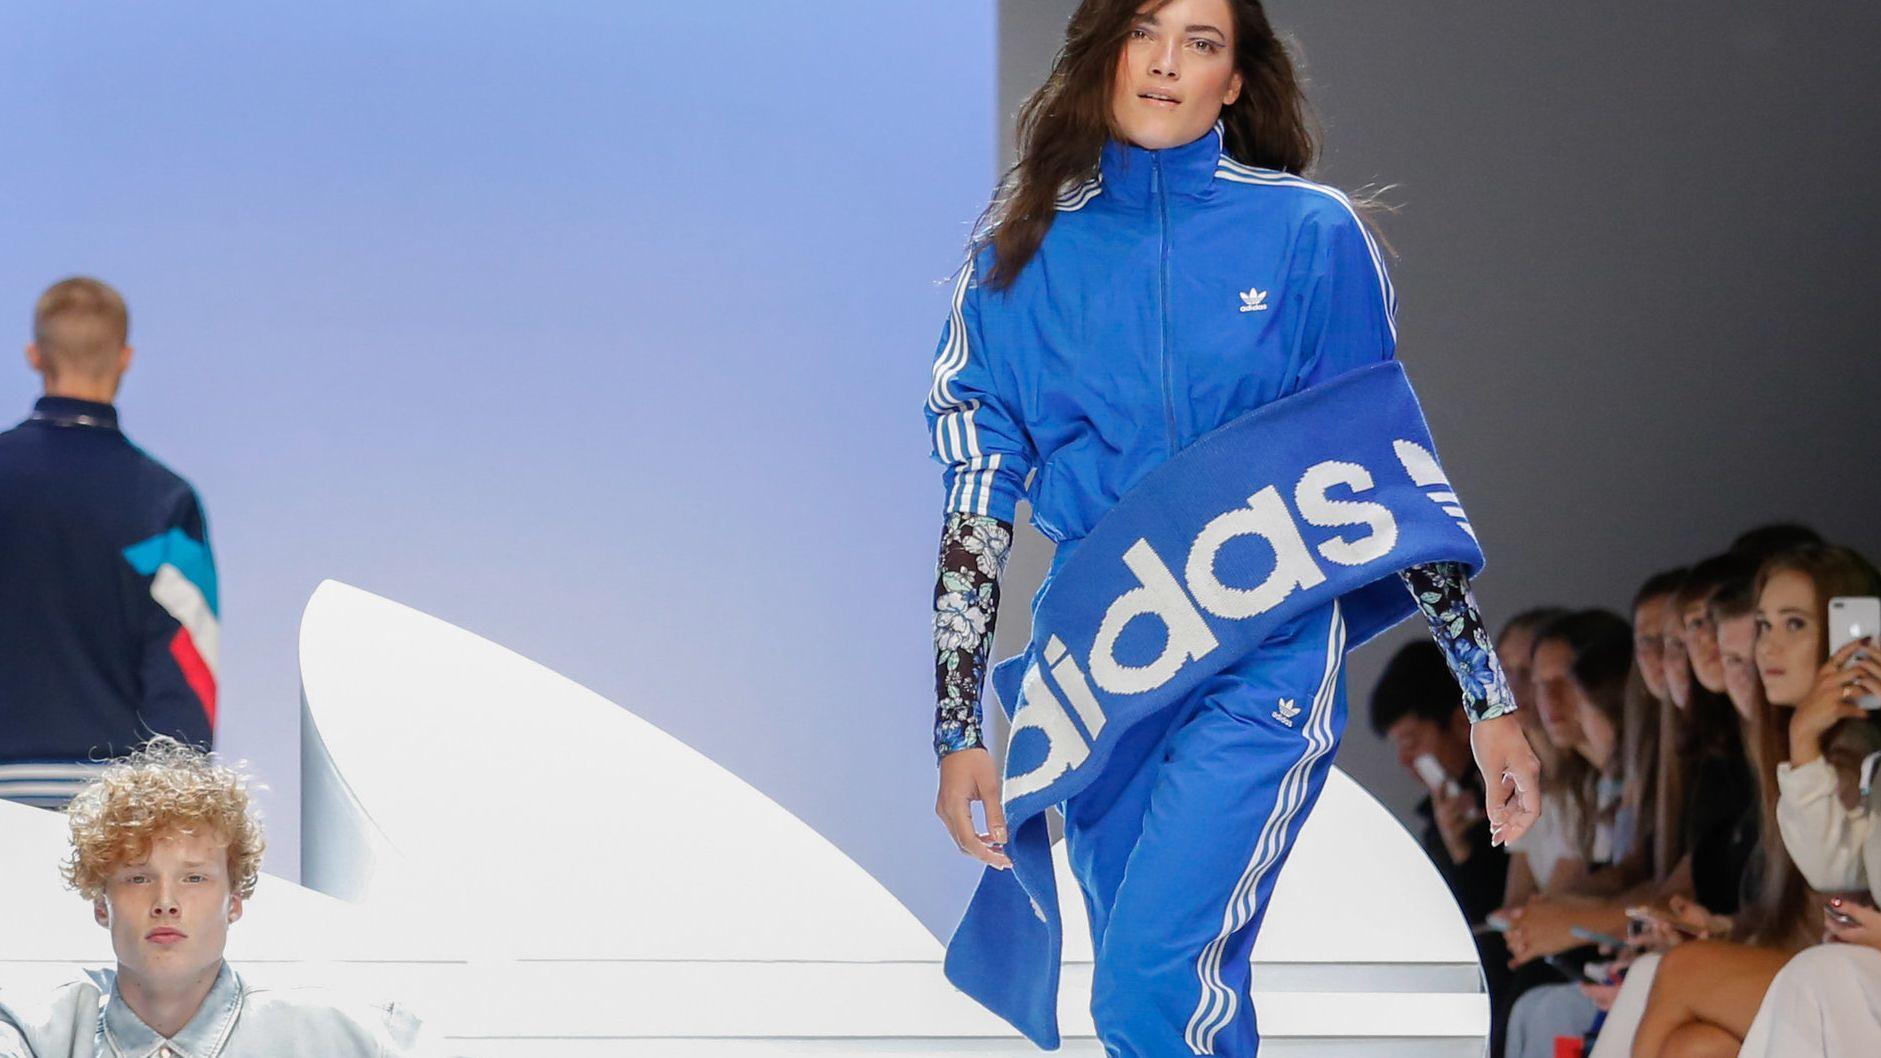 Models zeigen Mode bei der Adidas Show im Rahmen der Fashion Week in Berlin 2019